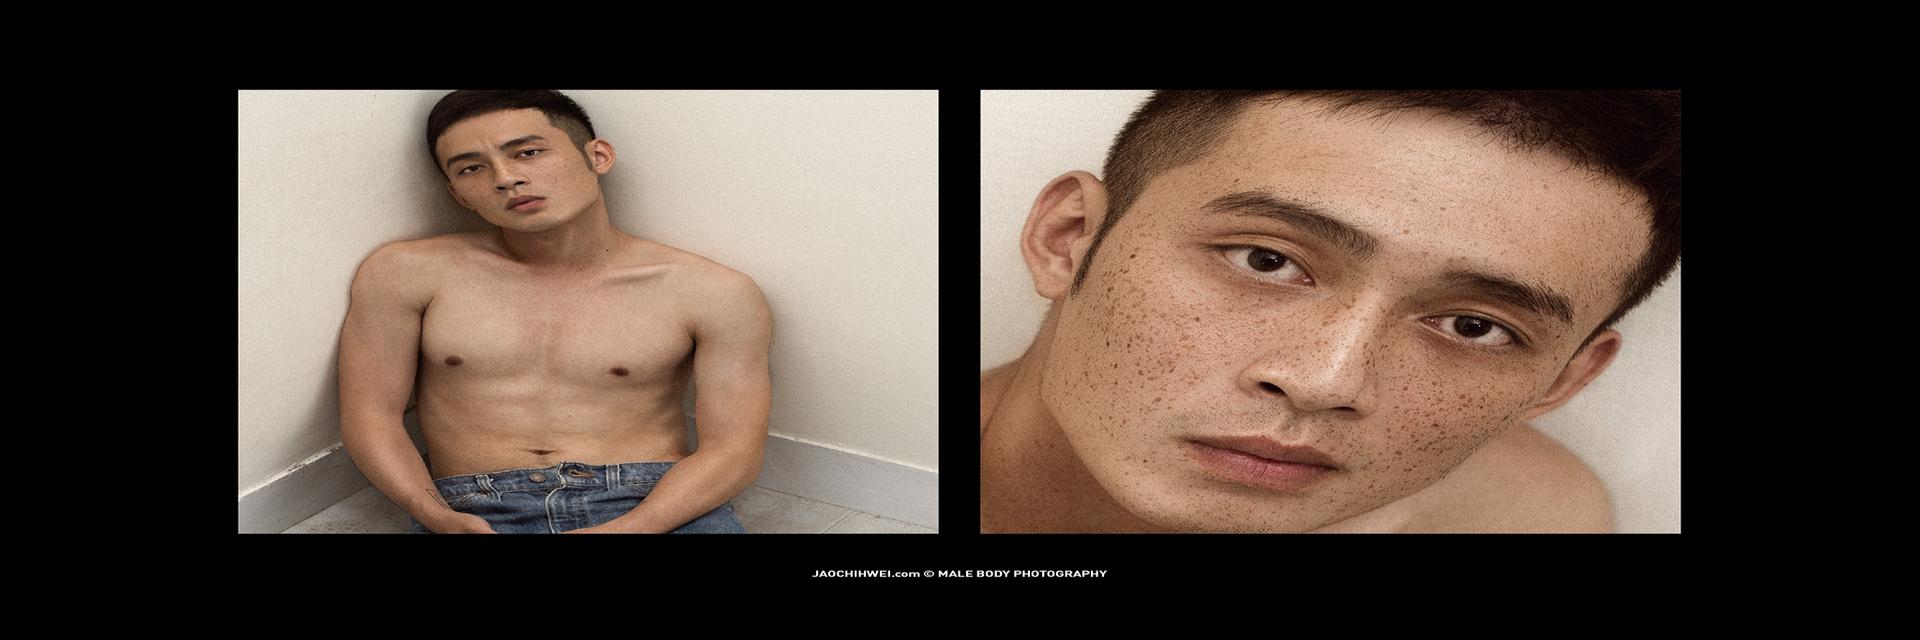 「台灣『性』創作不該停滯!」 男體攝影師以超尺度作品流露男性情慾